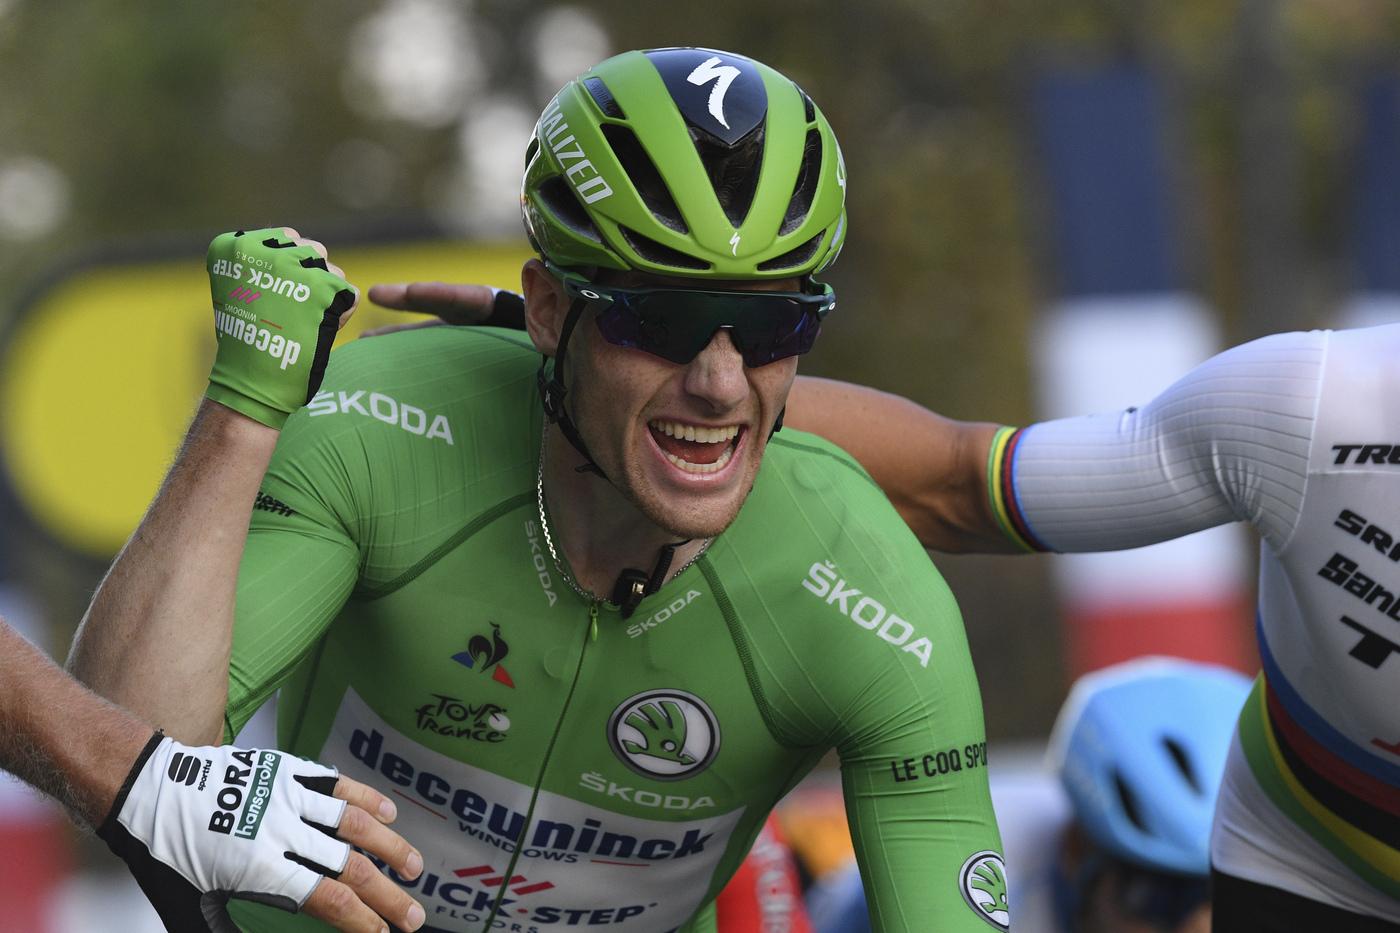 """Vuelta a España 2020, Sam Bennett: """"Sono davvero contento di vincere su un arrivo dove ha trionfato anche Sean Kelly"""""""